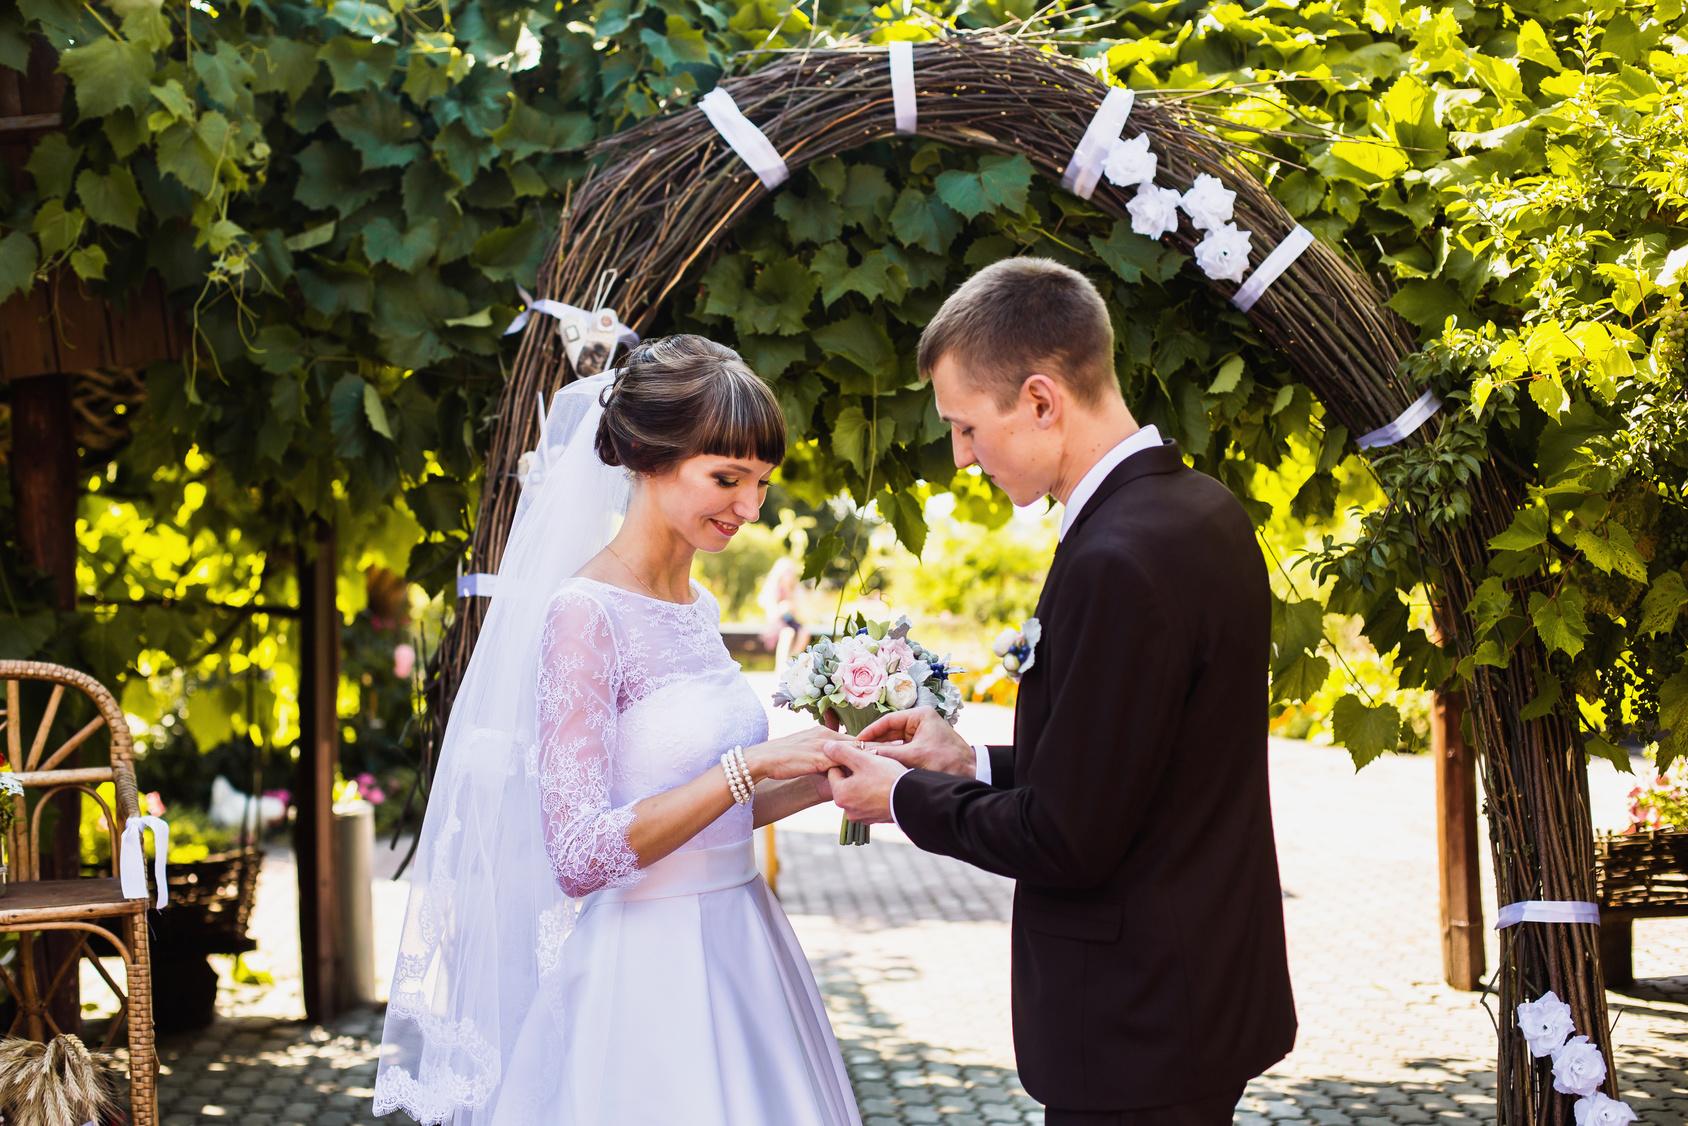 10f9497ab Ślub cywilny w plenerze i innych, nietypowych miejscach